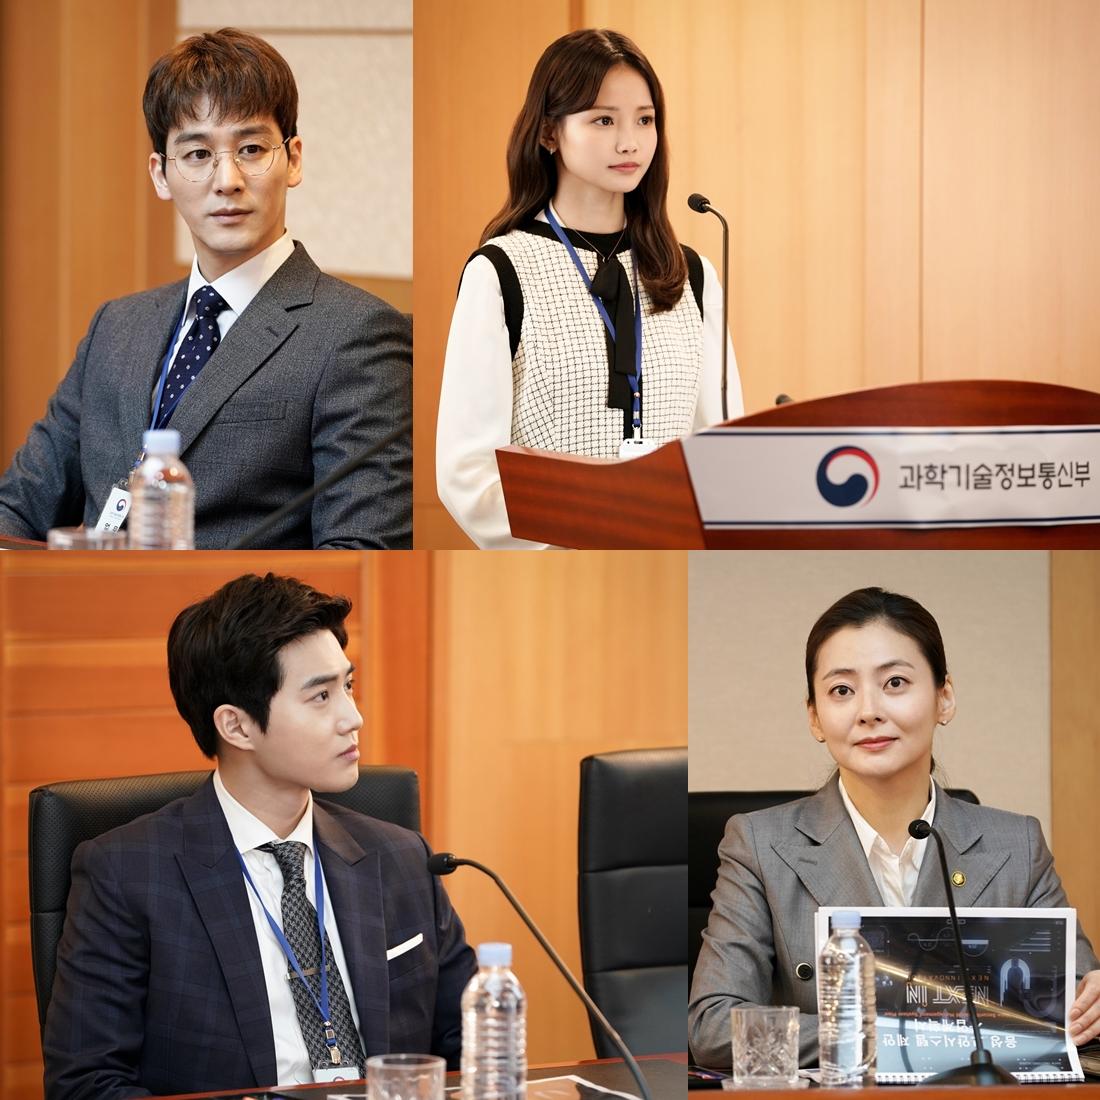 '리치맨' 독설 퍼부었던 김준면, 하연수를 다시 불러들인 이유는?!